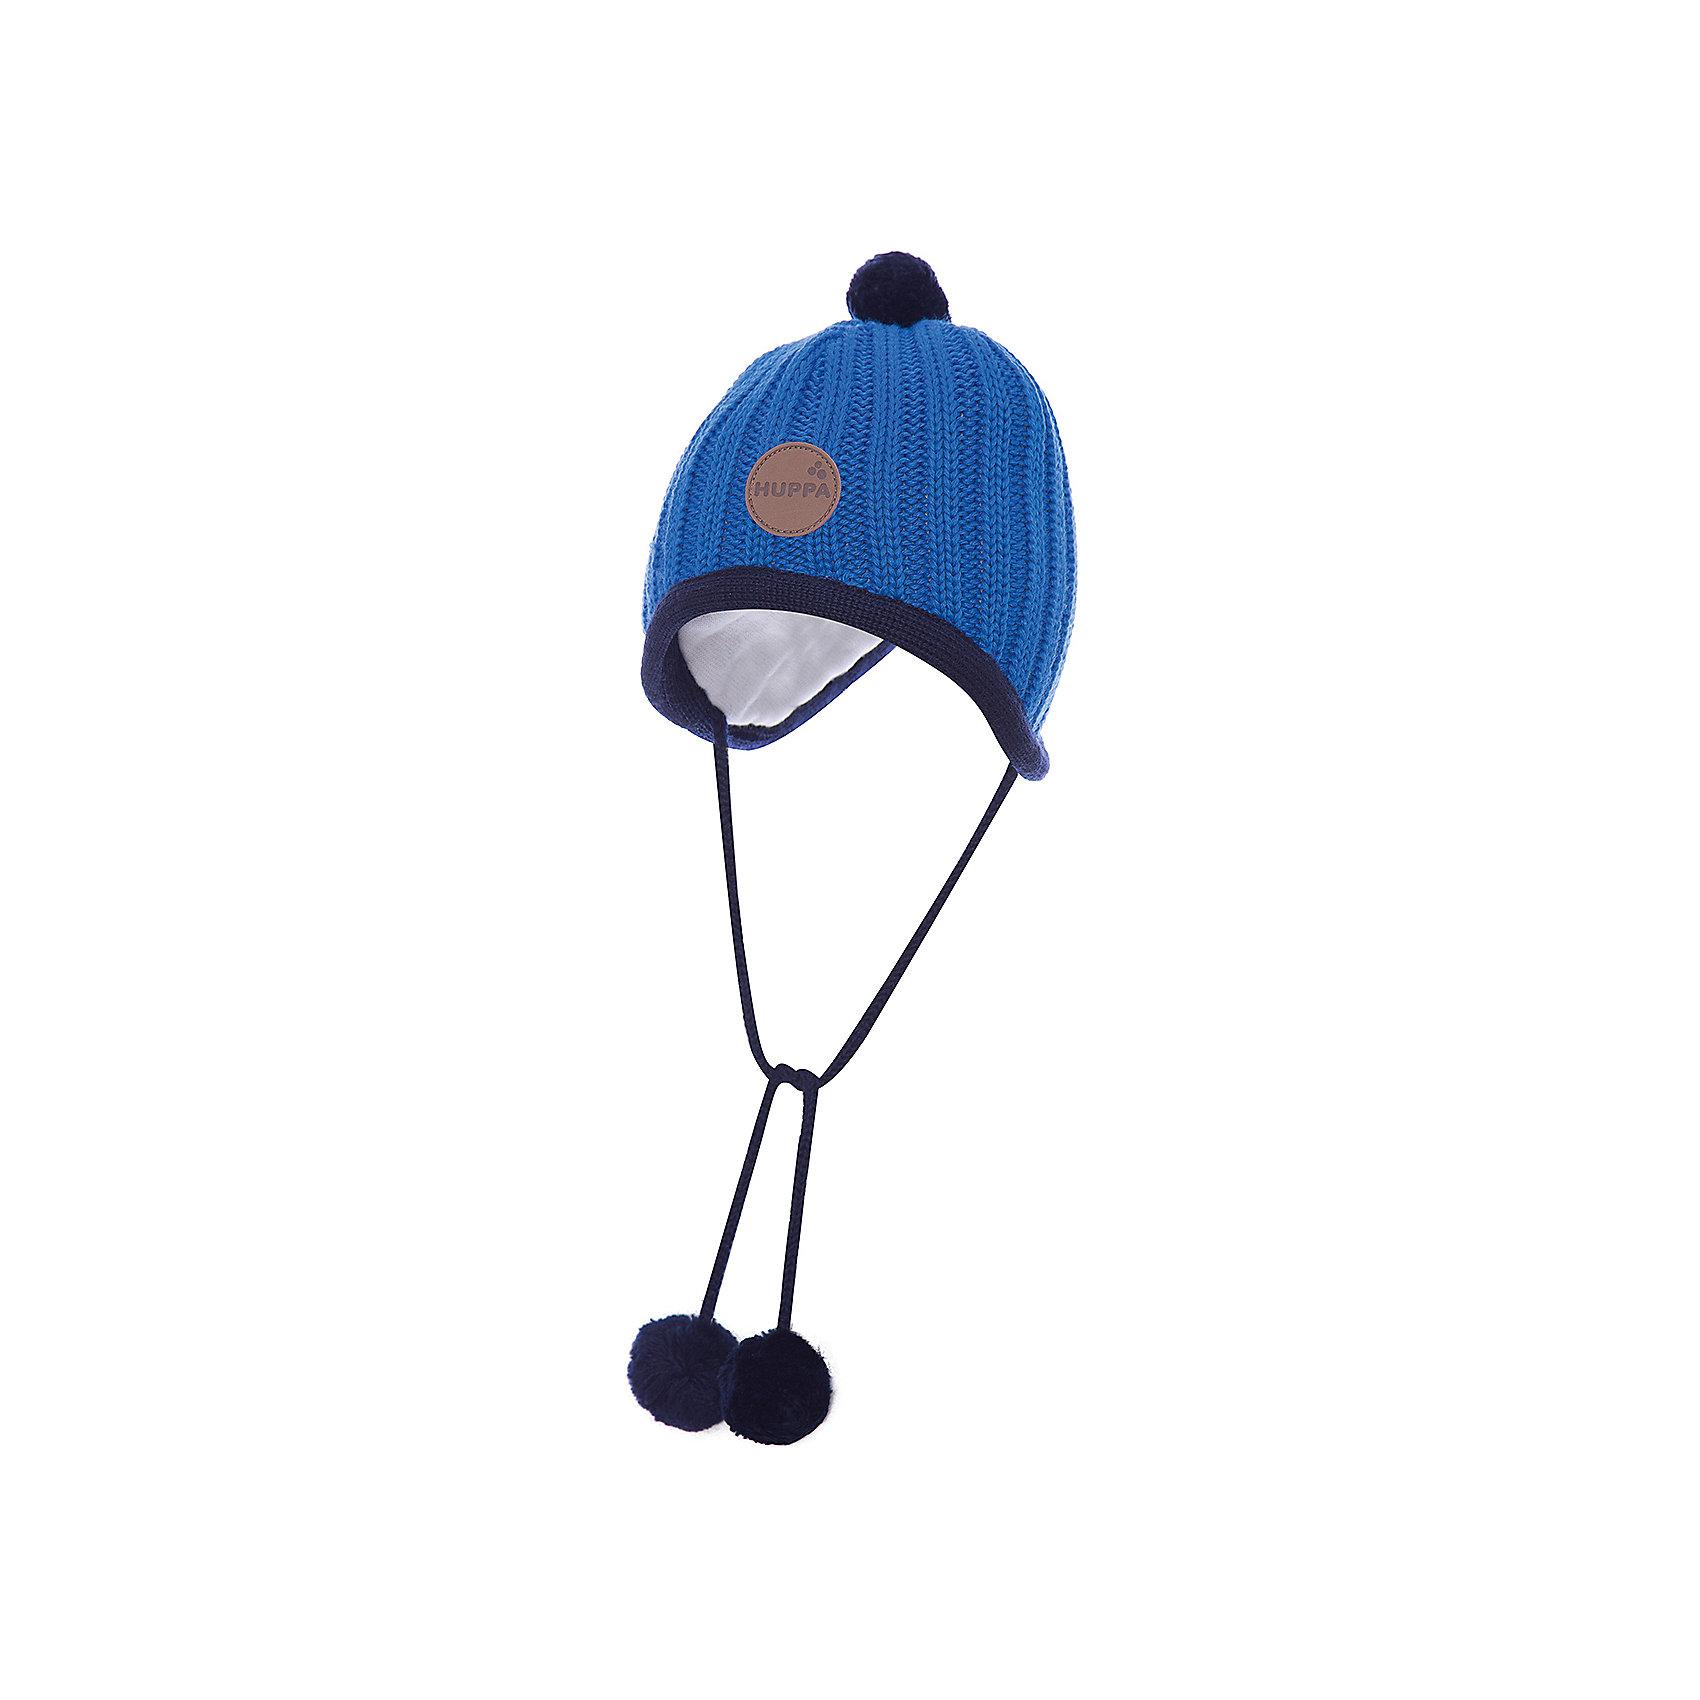 Шапка для мальчика HuppaВязанная «резинкой» зимняя шапка для малышей. Для удобства ношения у шапки приятная подкладка из хлопкового трикотажа, наружная часть из смеси 50% мериносовой шерсти и 50% акриловой пряжи. Для защиты от холодных ветров у шапки имеются ленты с помпонами, при помощи которых шапку можно завязать и защитить уши от холода. <br><br>Шапку для мальчика Huppa (Хуппа) можно купить в нашем магазине.<br><br>Ширина мм: 89<br>Глубина мм: 117<br>Высота мм: 44<br>Вес г: 155<br>Цвет: голубой<br>Возраст от месяцев: 2<br>Возраст до месяцев: 5<br>Пол: Мужской<br>Возраст: Детский<br>Размер: 39-43,43-45,51-53,47-49<br>SKU: 4242872